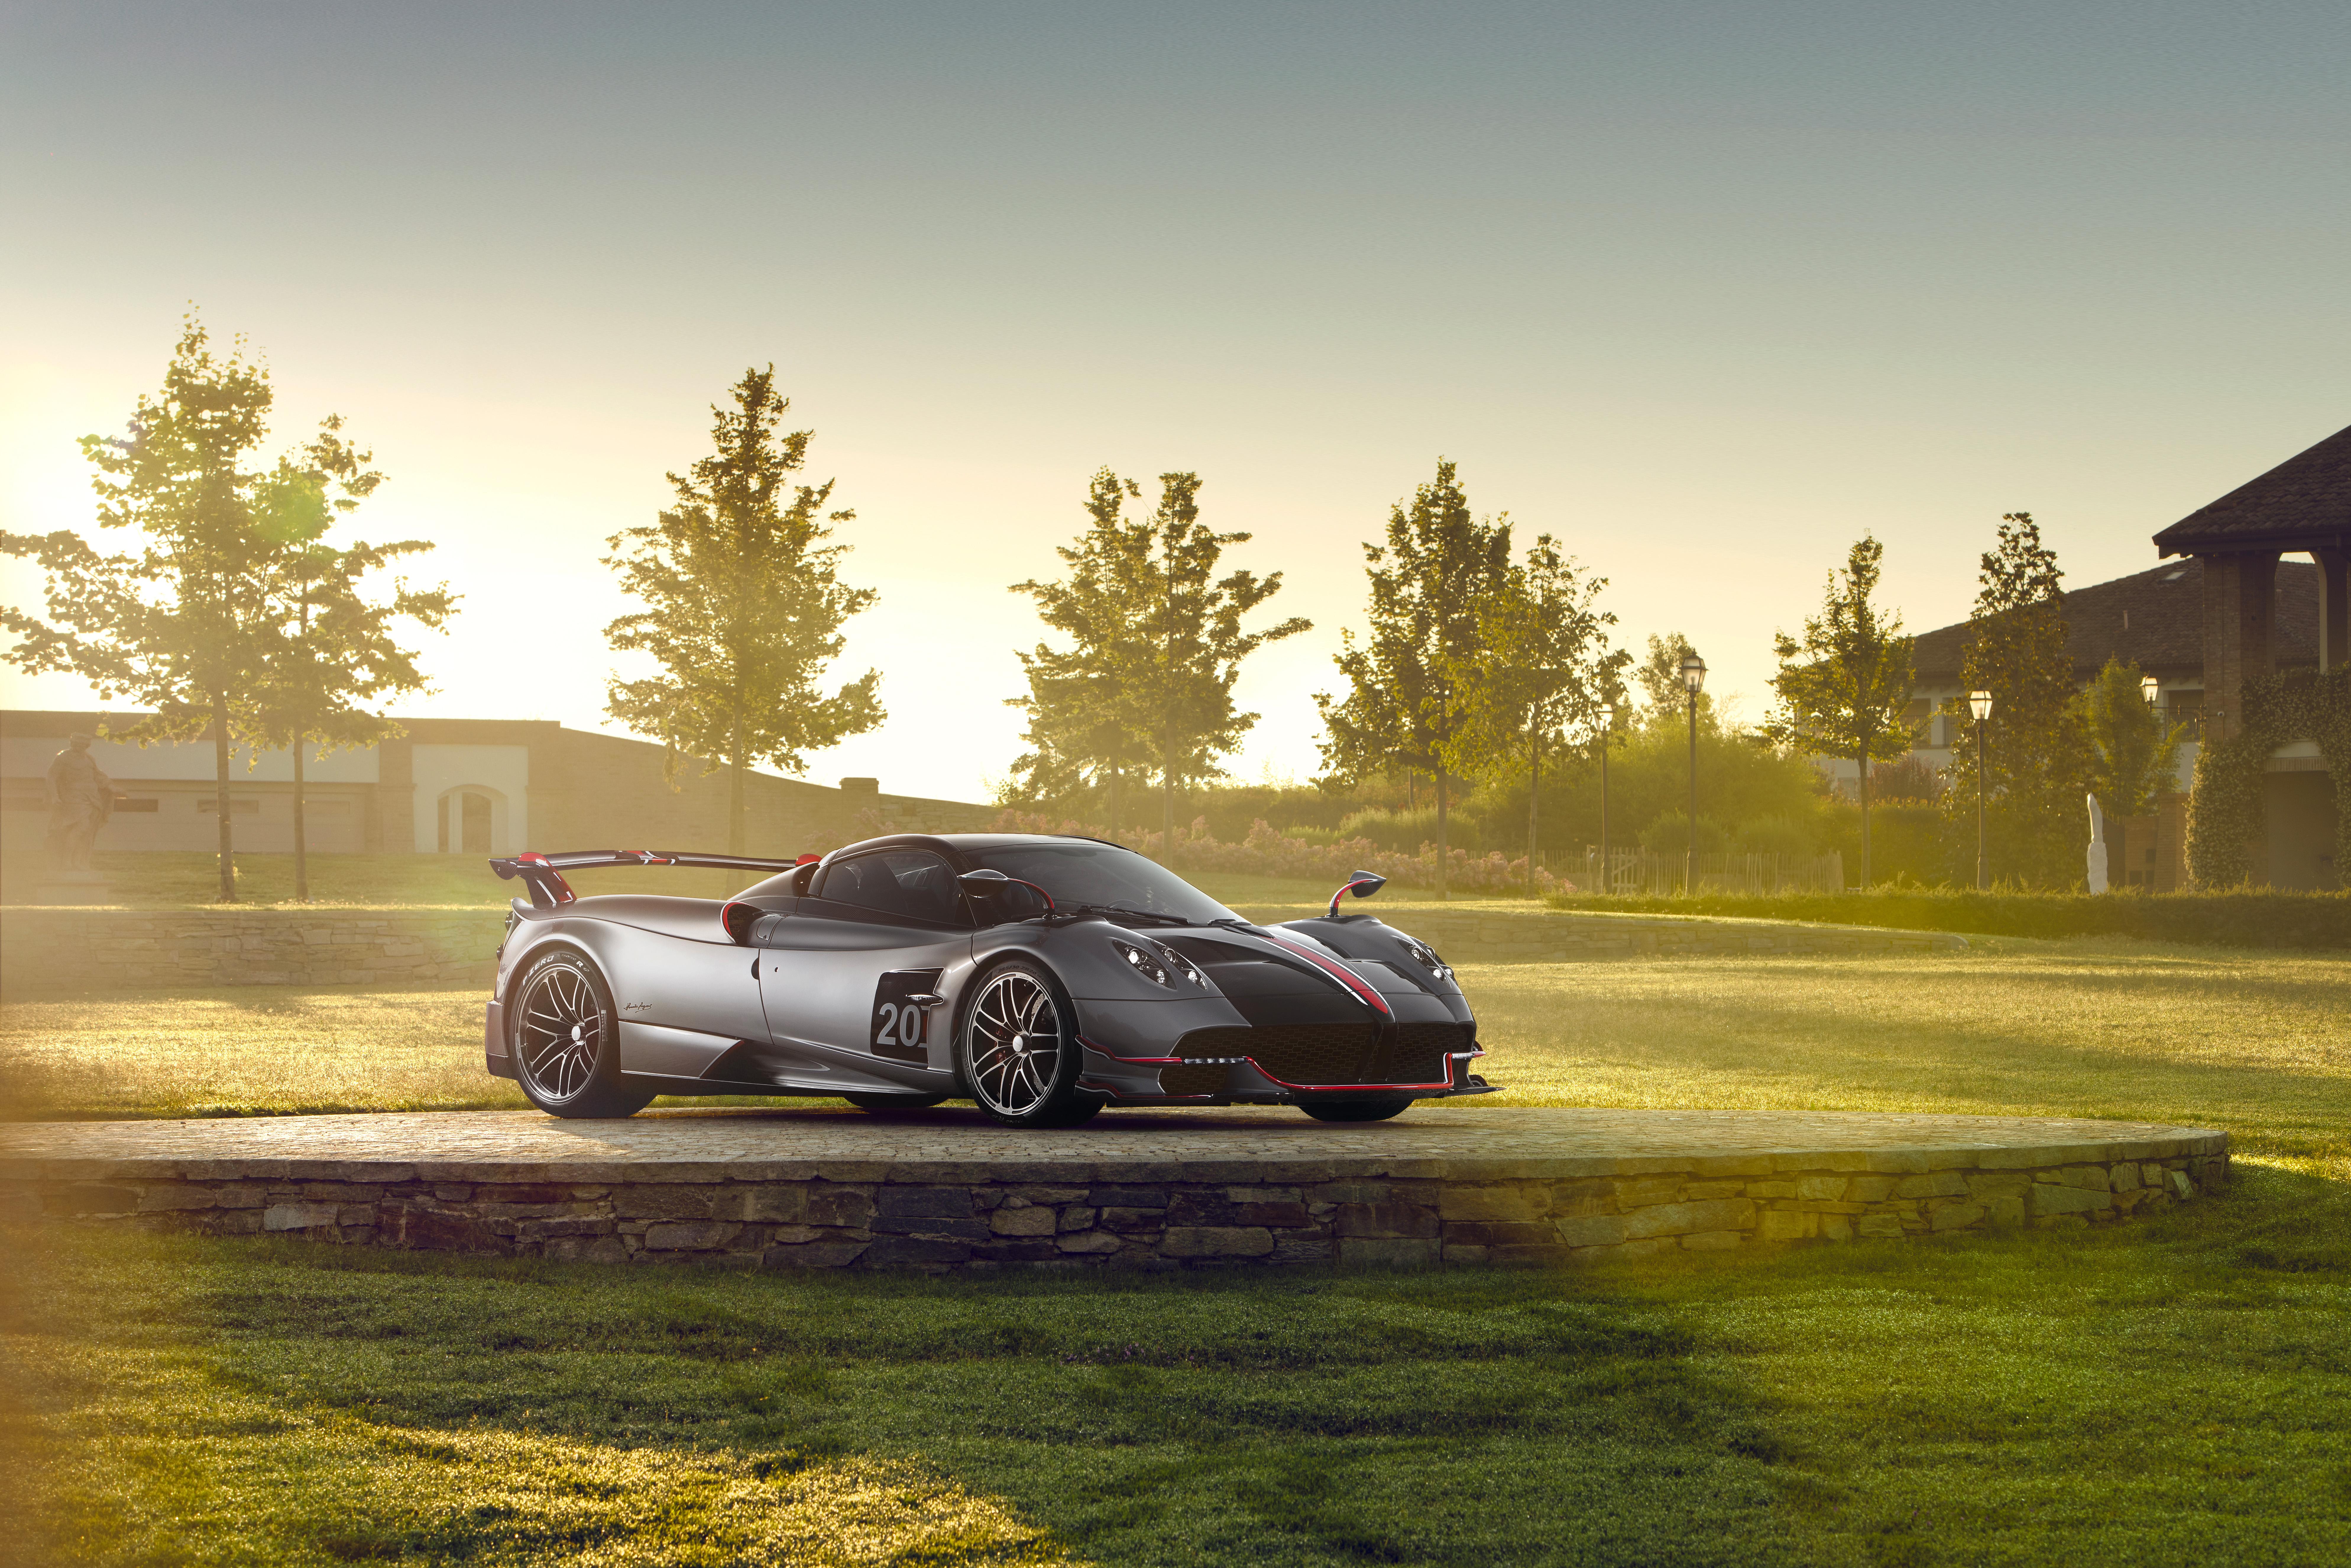 Car Pagani Pagani Huayra Silver Car Sport Car Supercar Vehicle 7952x5304